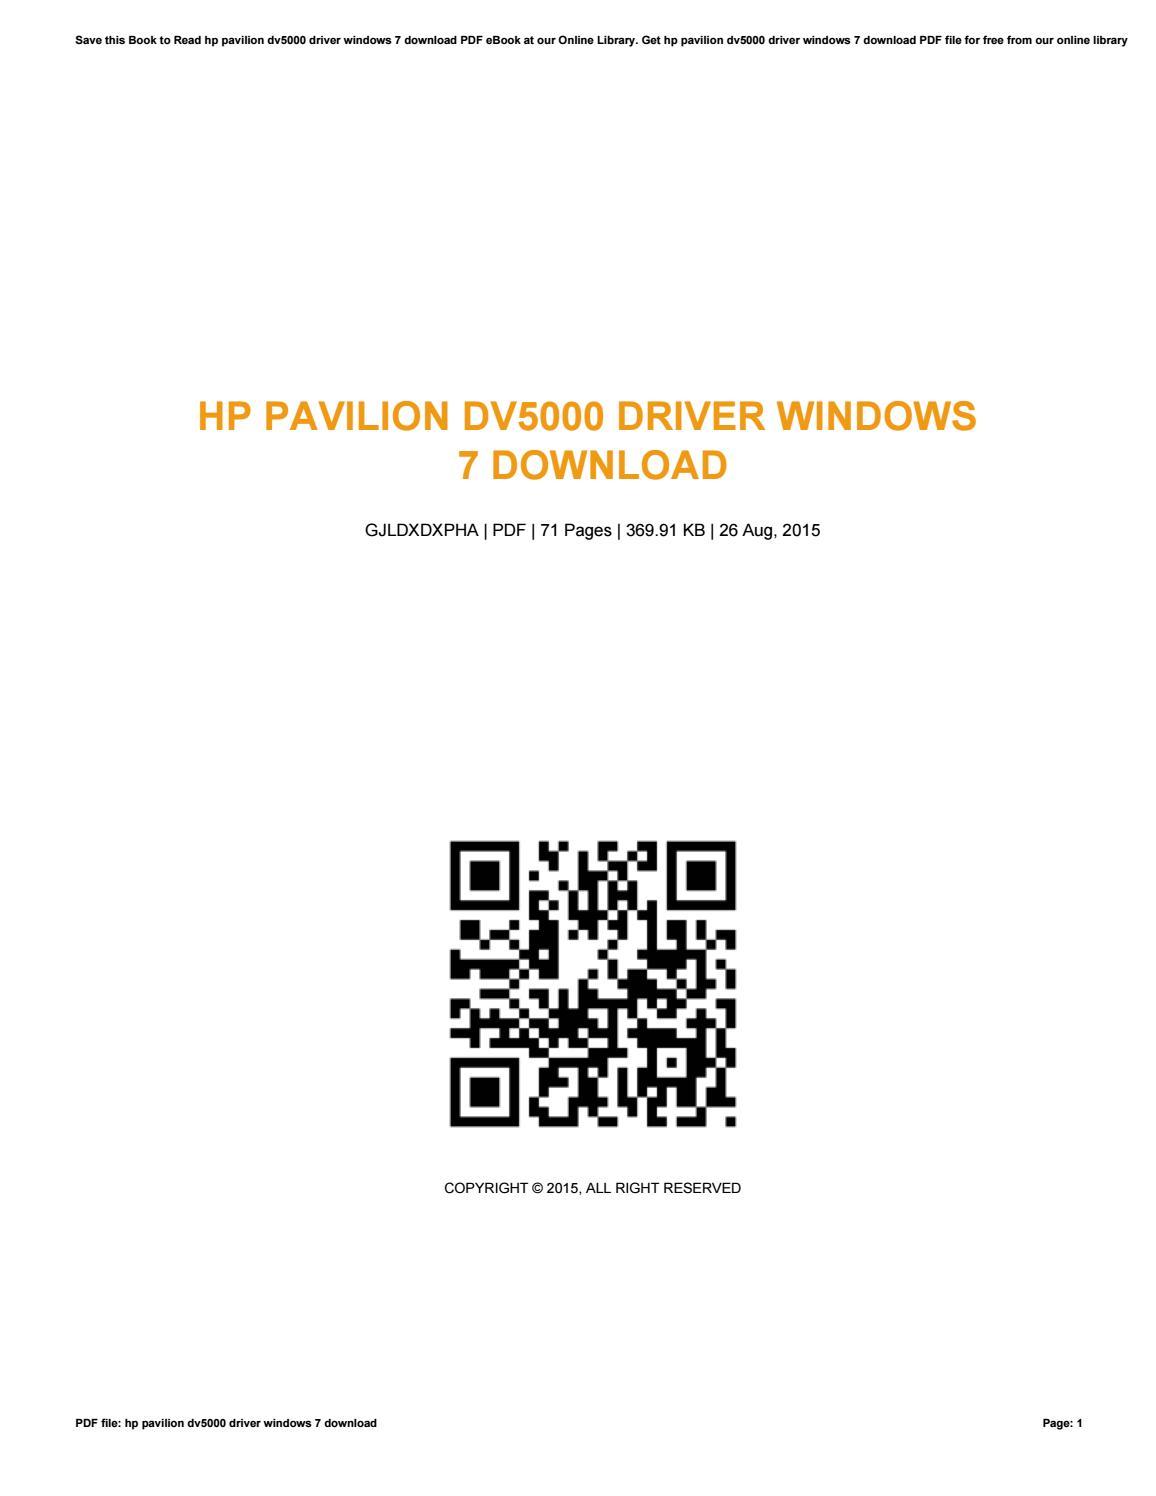 PAVILION TÉLÉCHARGER PILOTE DV5000 HP AUDIO